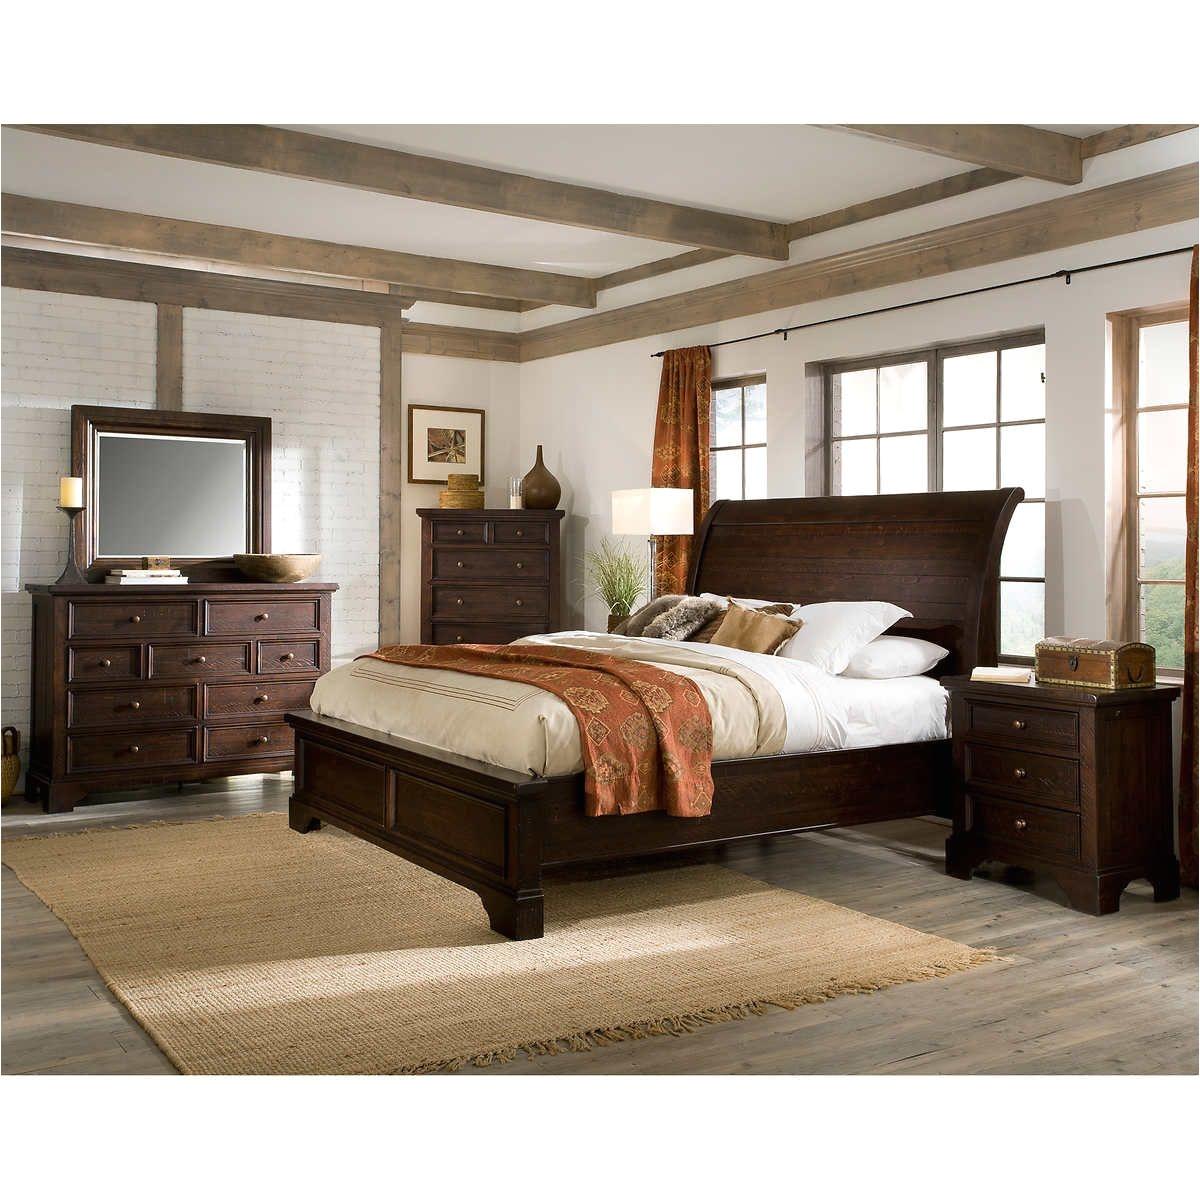 Bedroom Design Telluride 6 Piece King Bedroom Set King Bed In A Bag Black King Bedroom Sets Black Leather King Bedroom Sets Ideas Cozy Bedroom Design Ideas